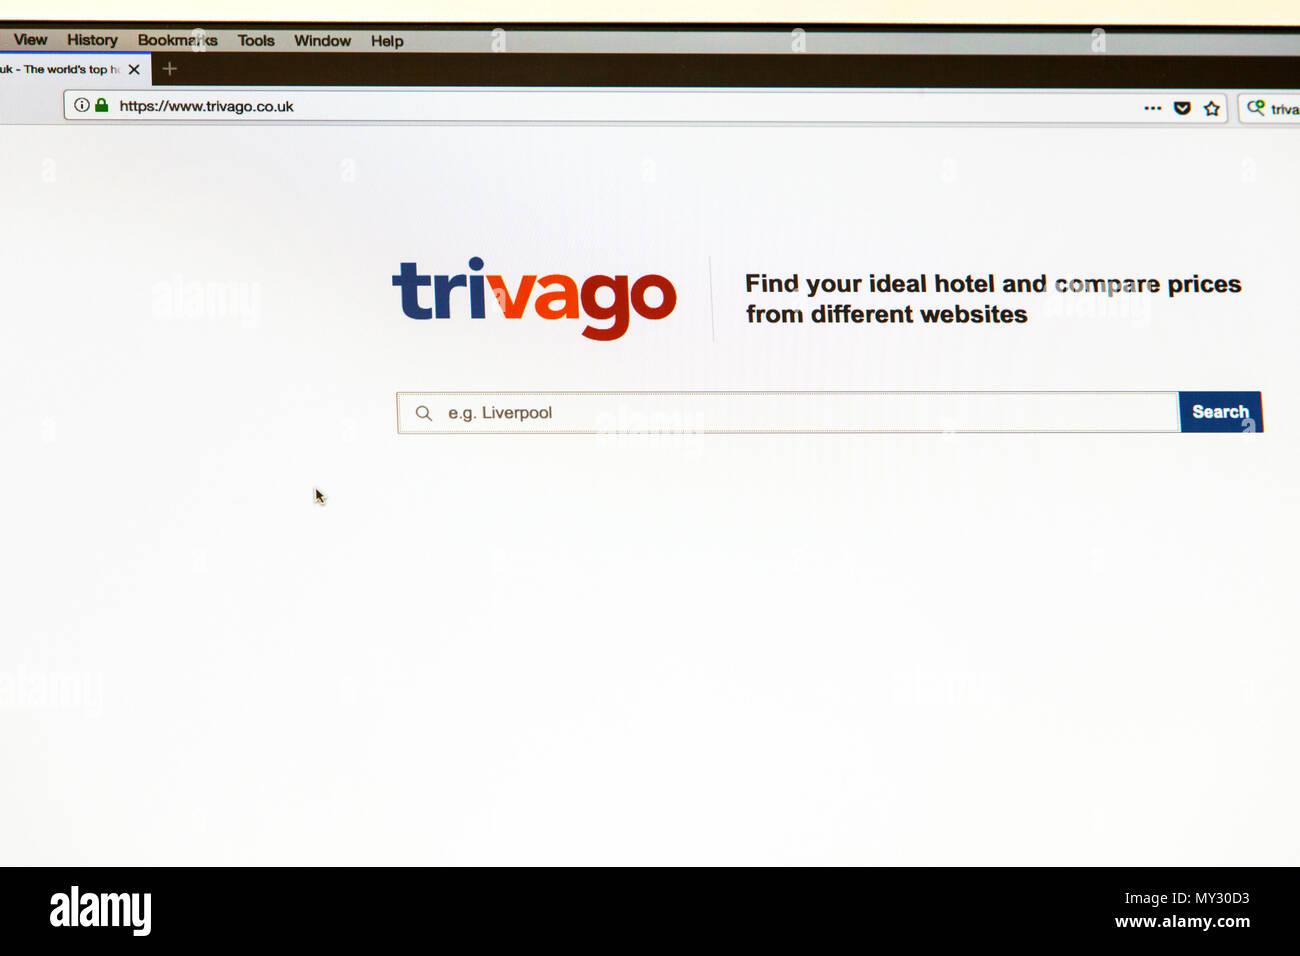 Trivago, Trivago home page, Trivago hotel price comparison site, hotel price comparison site, trivago price comparison, trivago website, trivago home - Stock Image